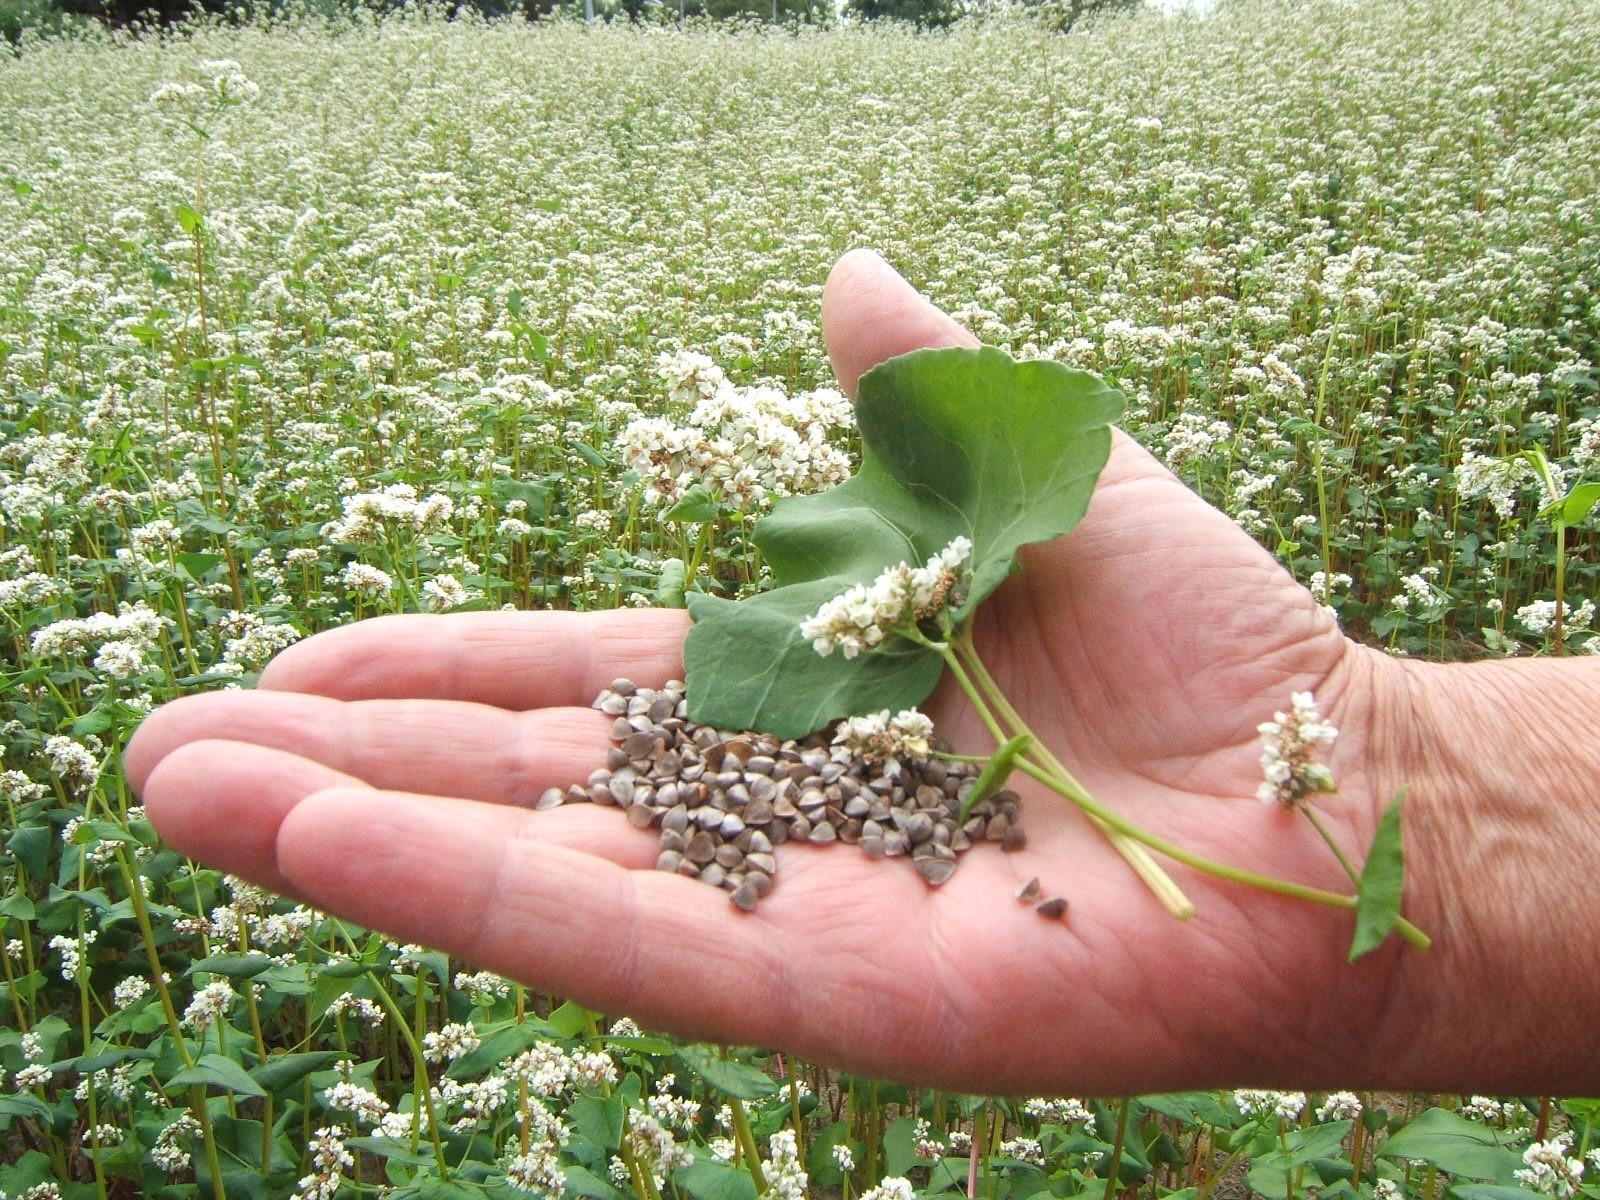 """Résultat de recherche d'images pour """"photos de champs de sarrasin en fleur"""""""